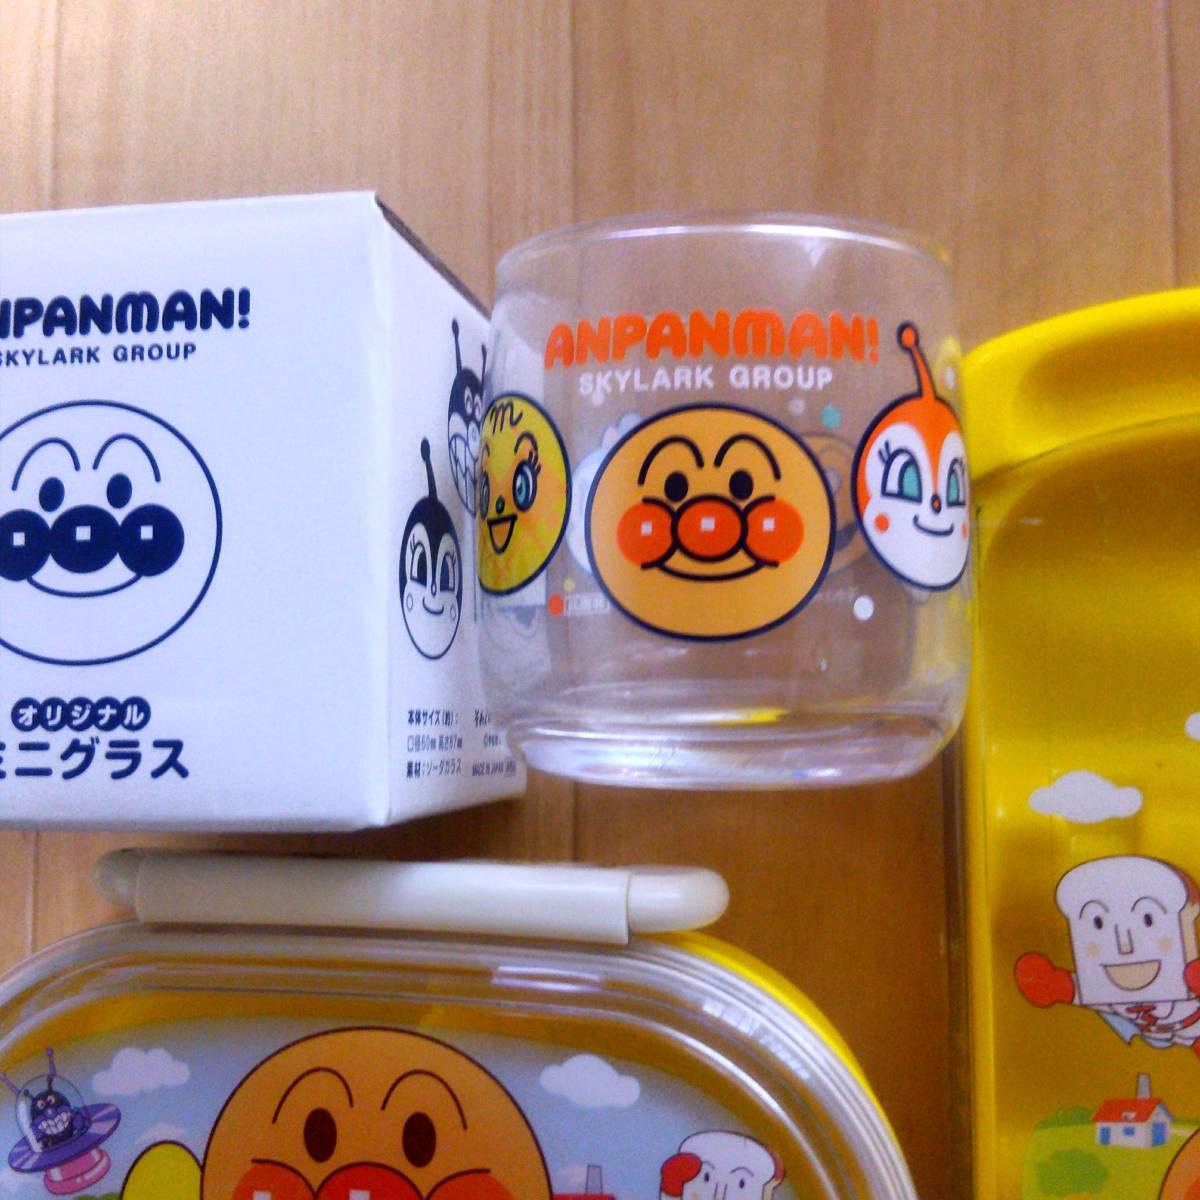 アンパンマン お弁当箱 フォーク スプーン ケース ※ミニグラスのみ新品_画像3